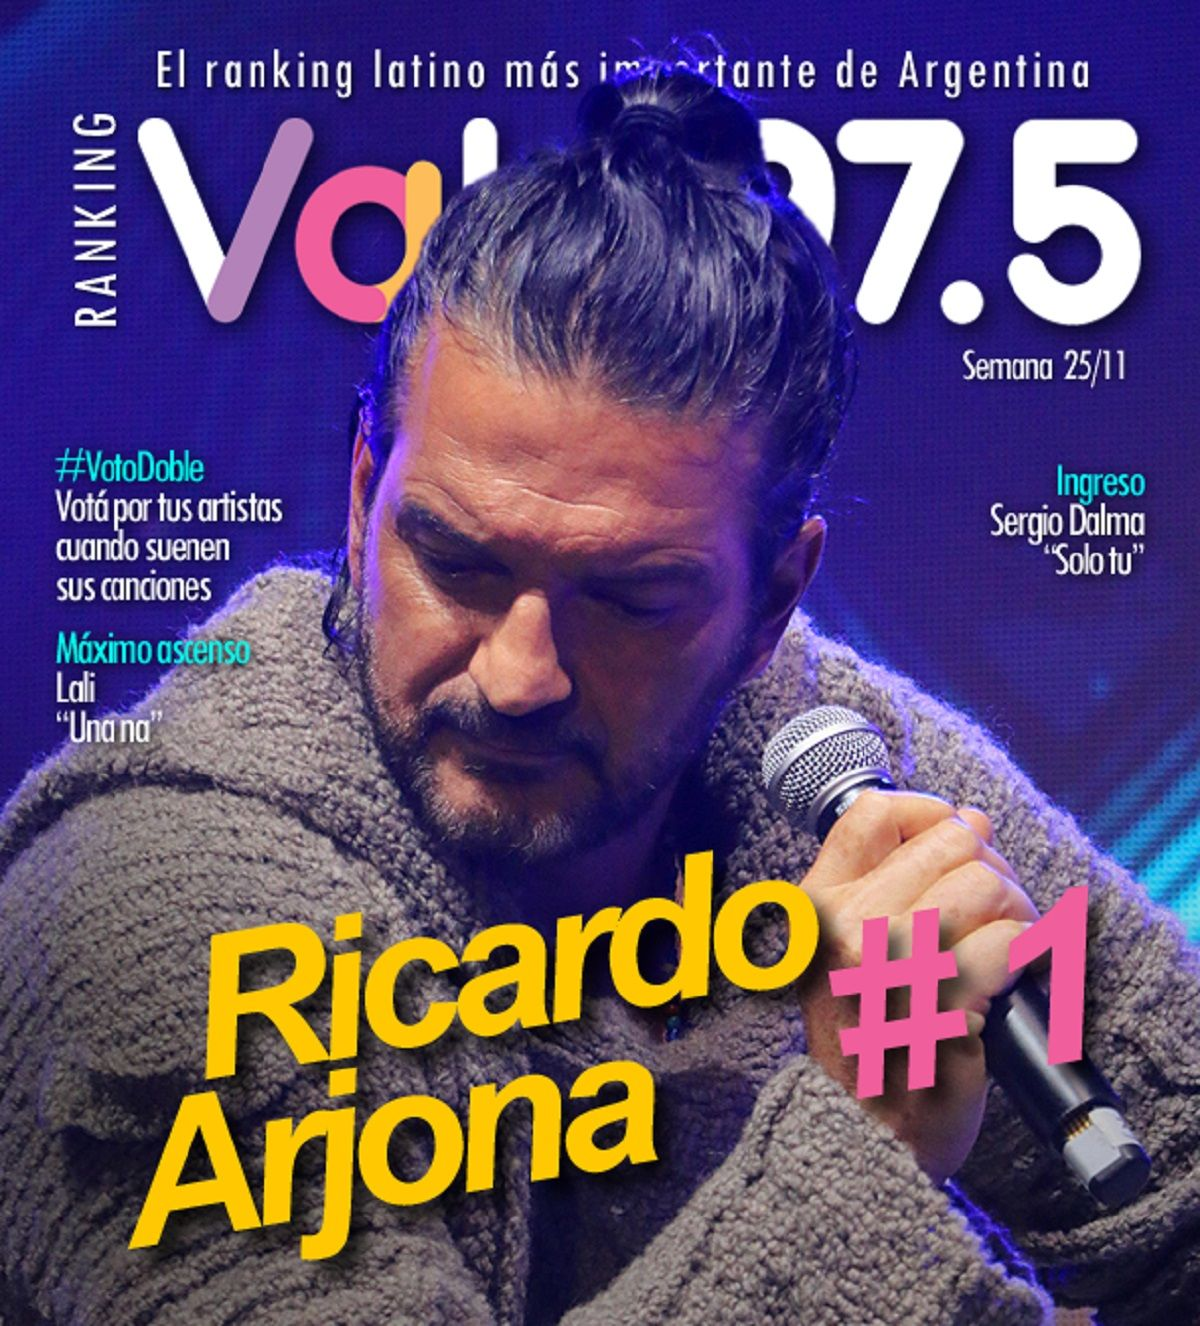 Ricardo Arjona sigue en lo más alto del Ranking Vale